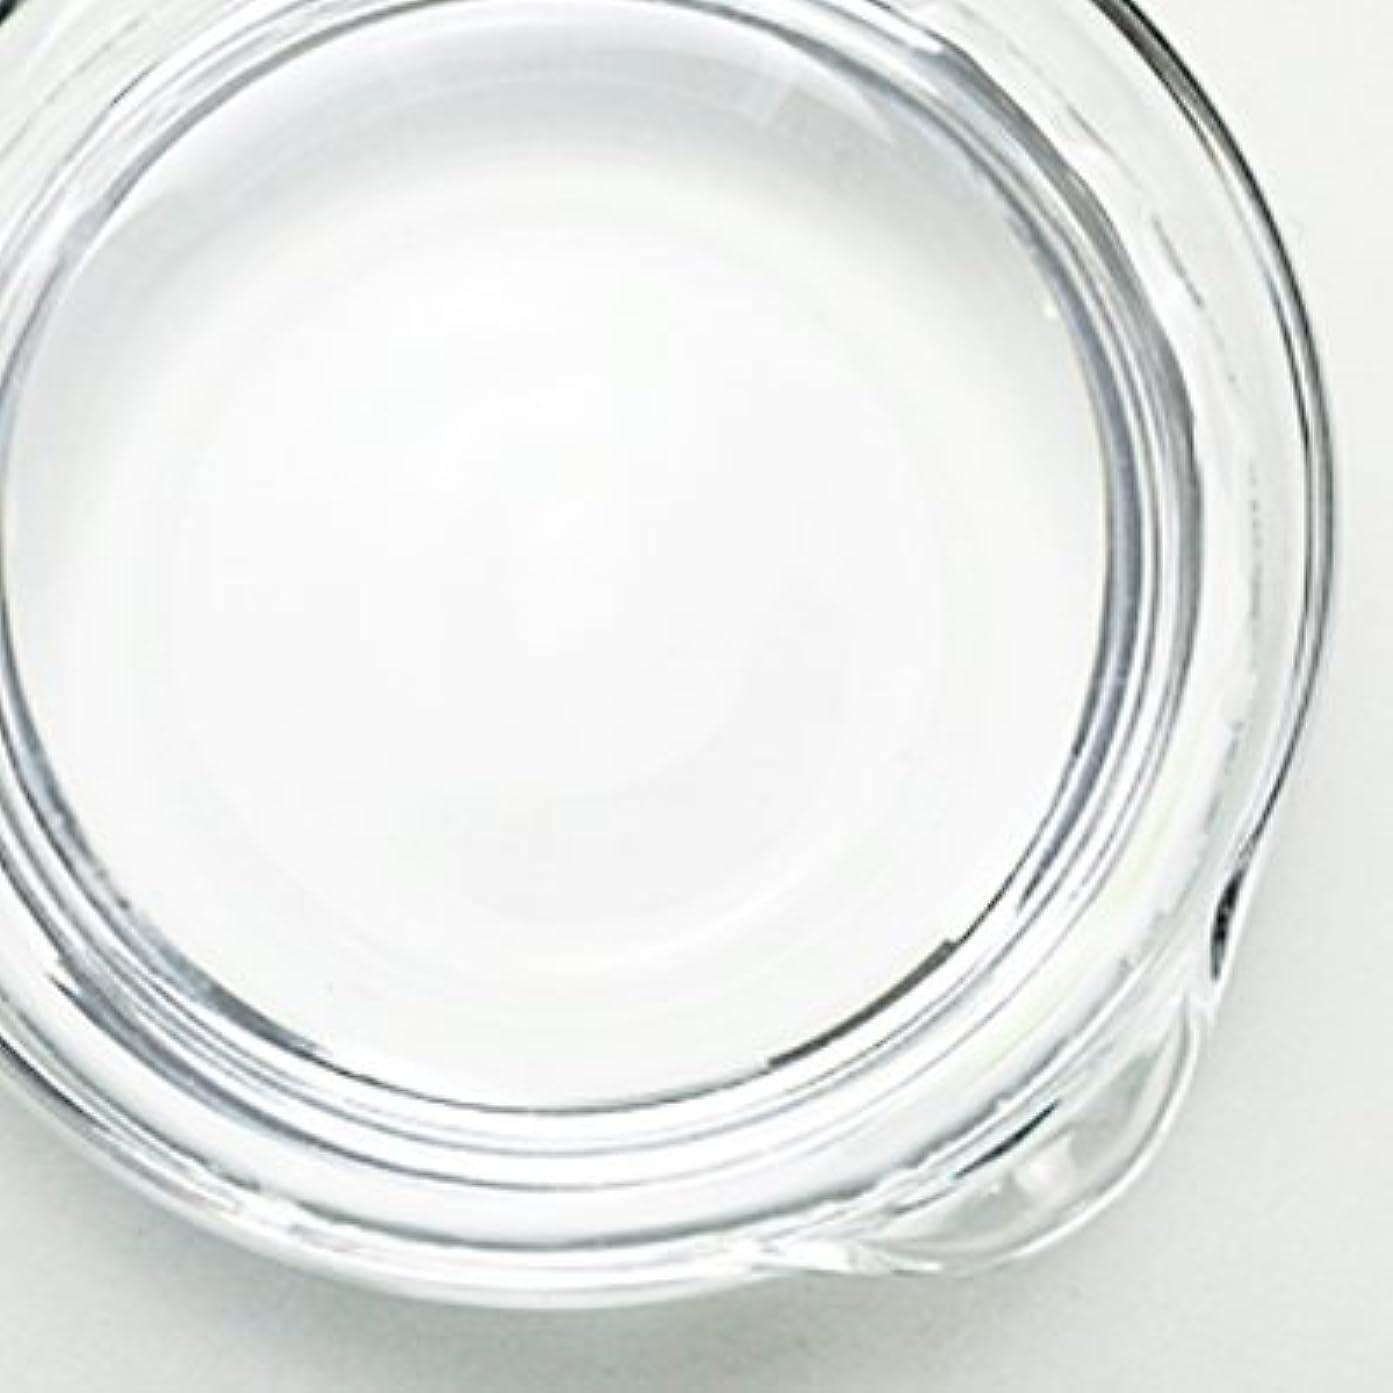 アリス家事をする酸化物1,3-ブチレングリコール[BG] 250ml 【手作り石鹸/手作りコスメ】